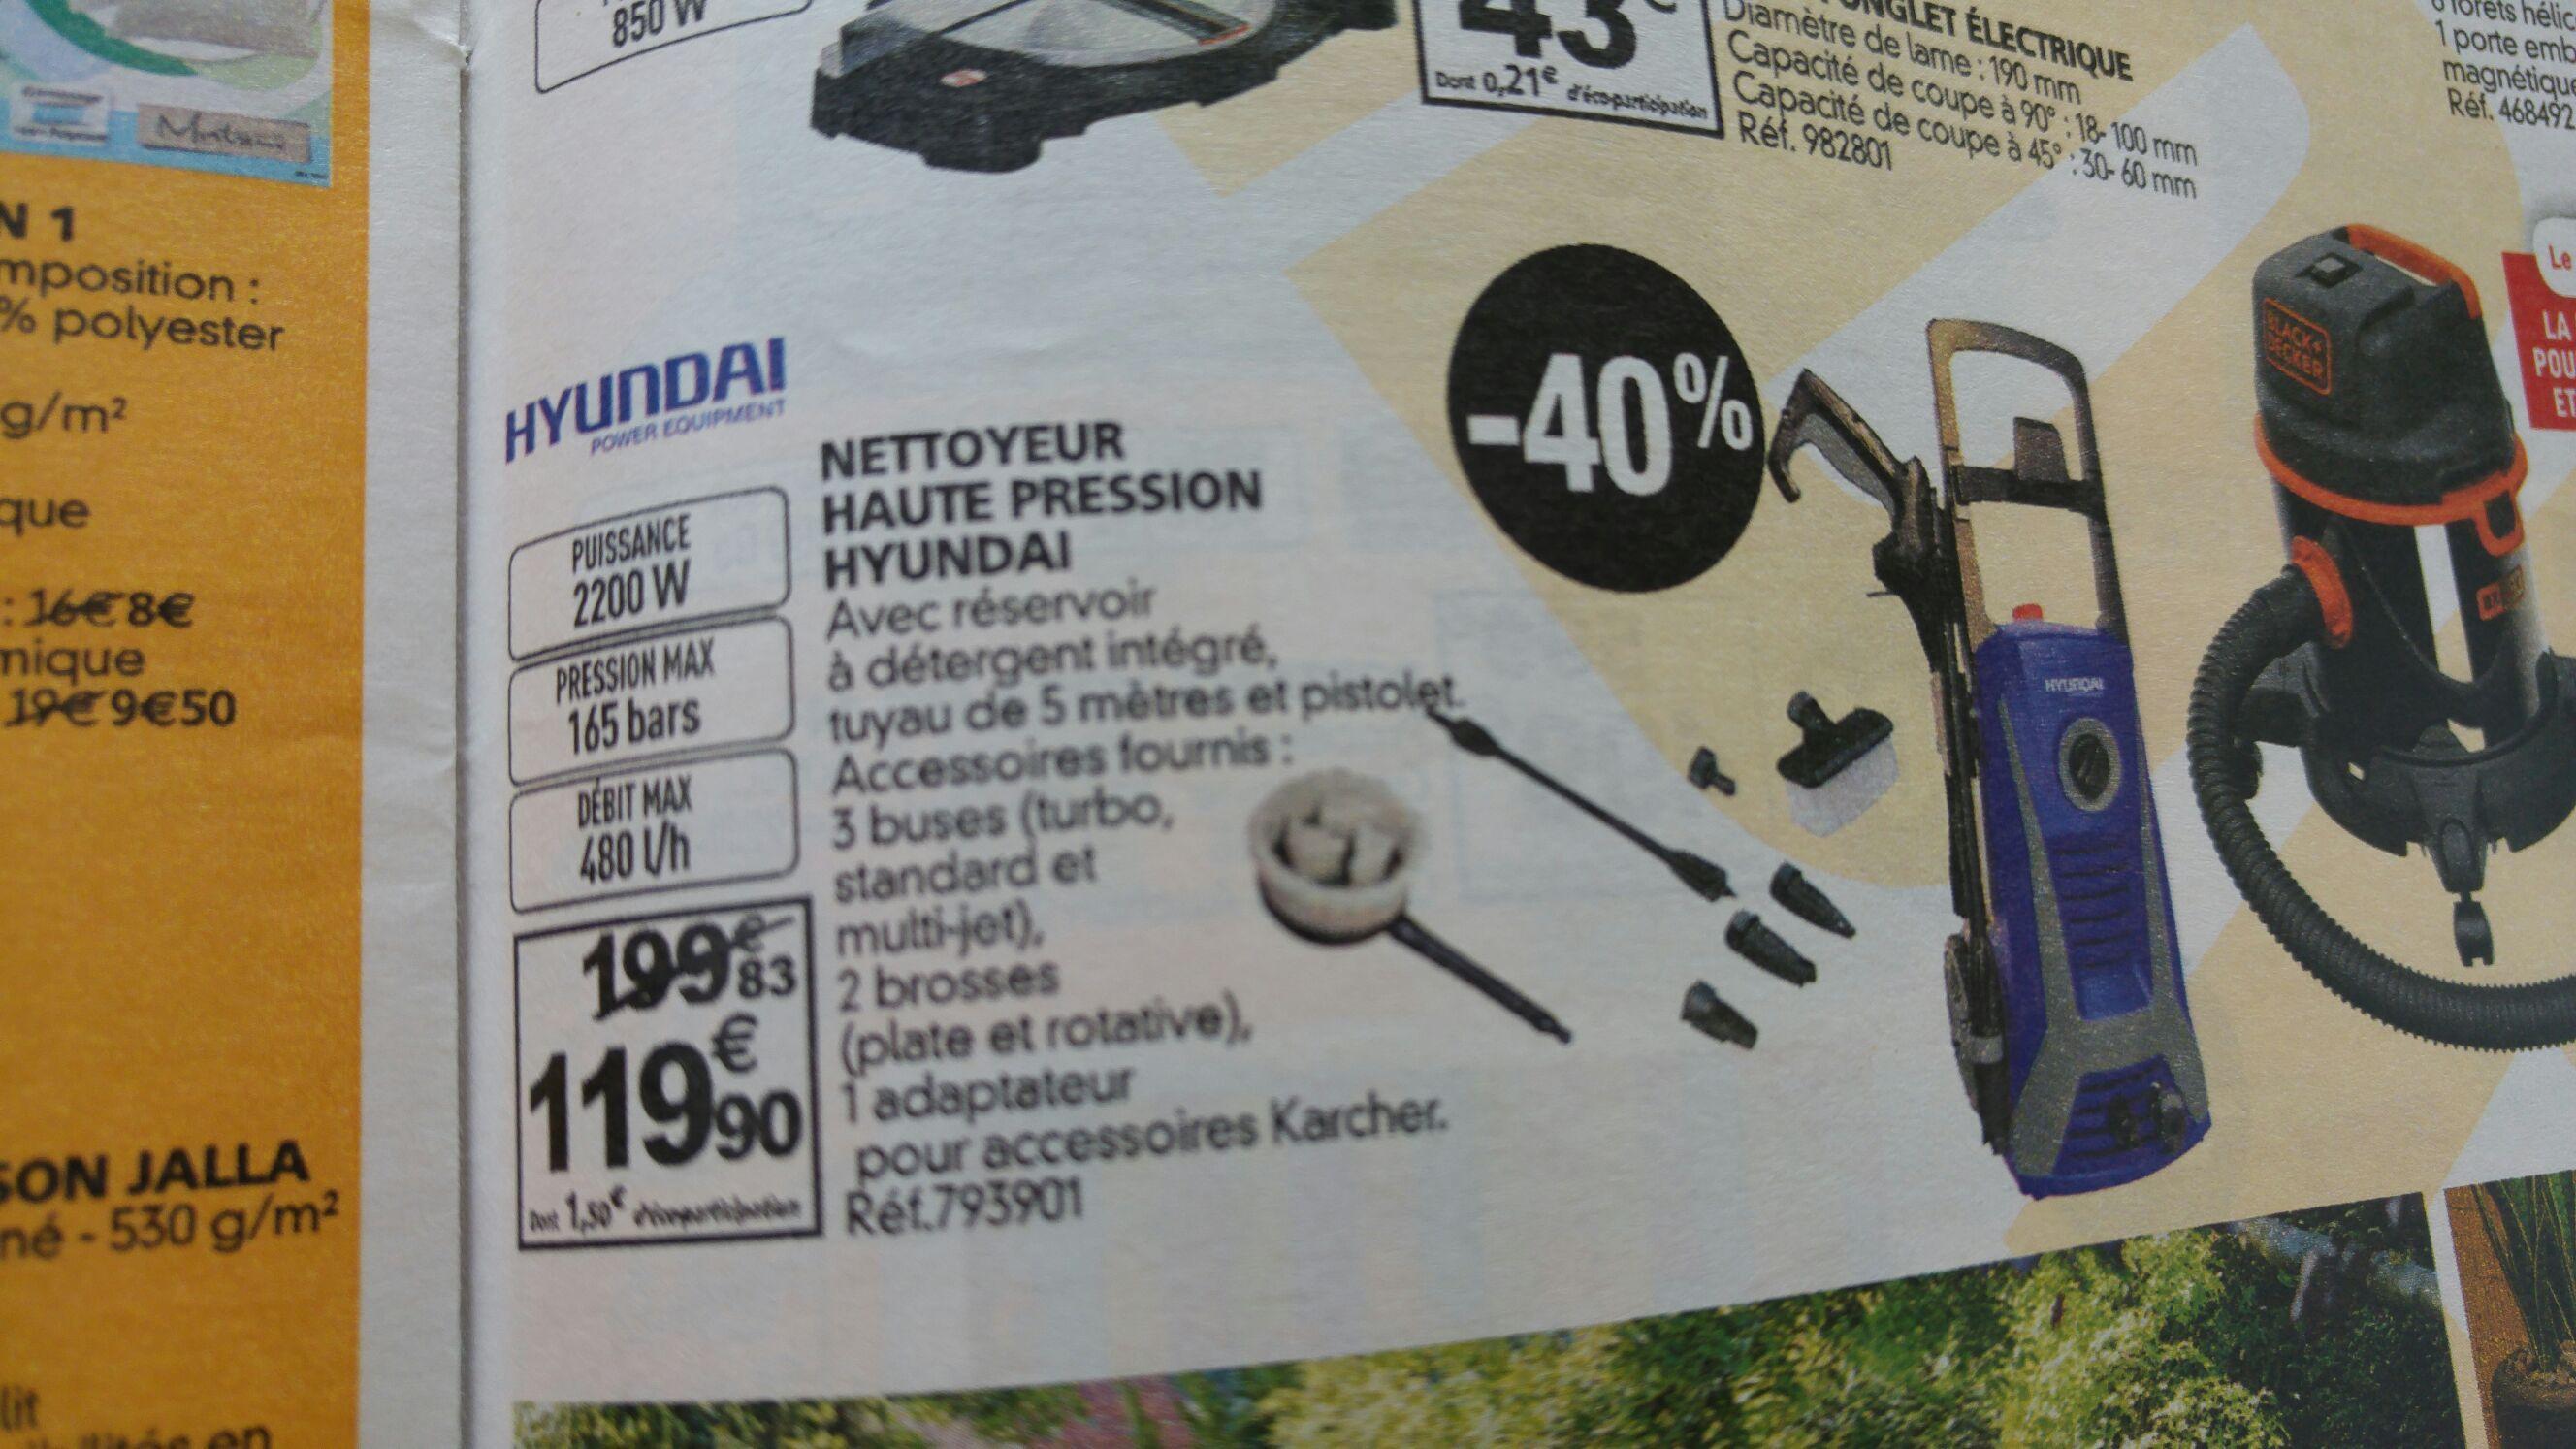 Nettoyeur haute pression Hyundai HNHP2200-165ACCR 2200w / 480 l / 165 bars